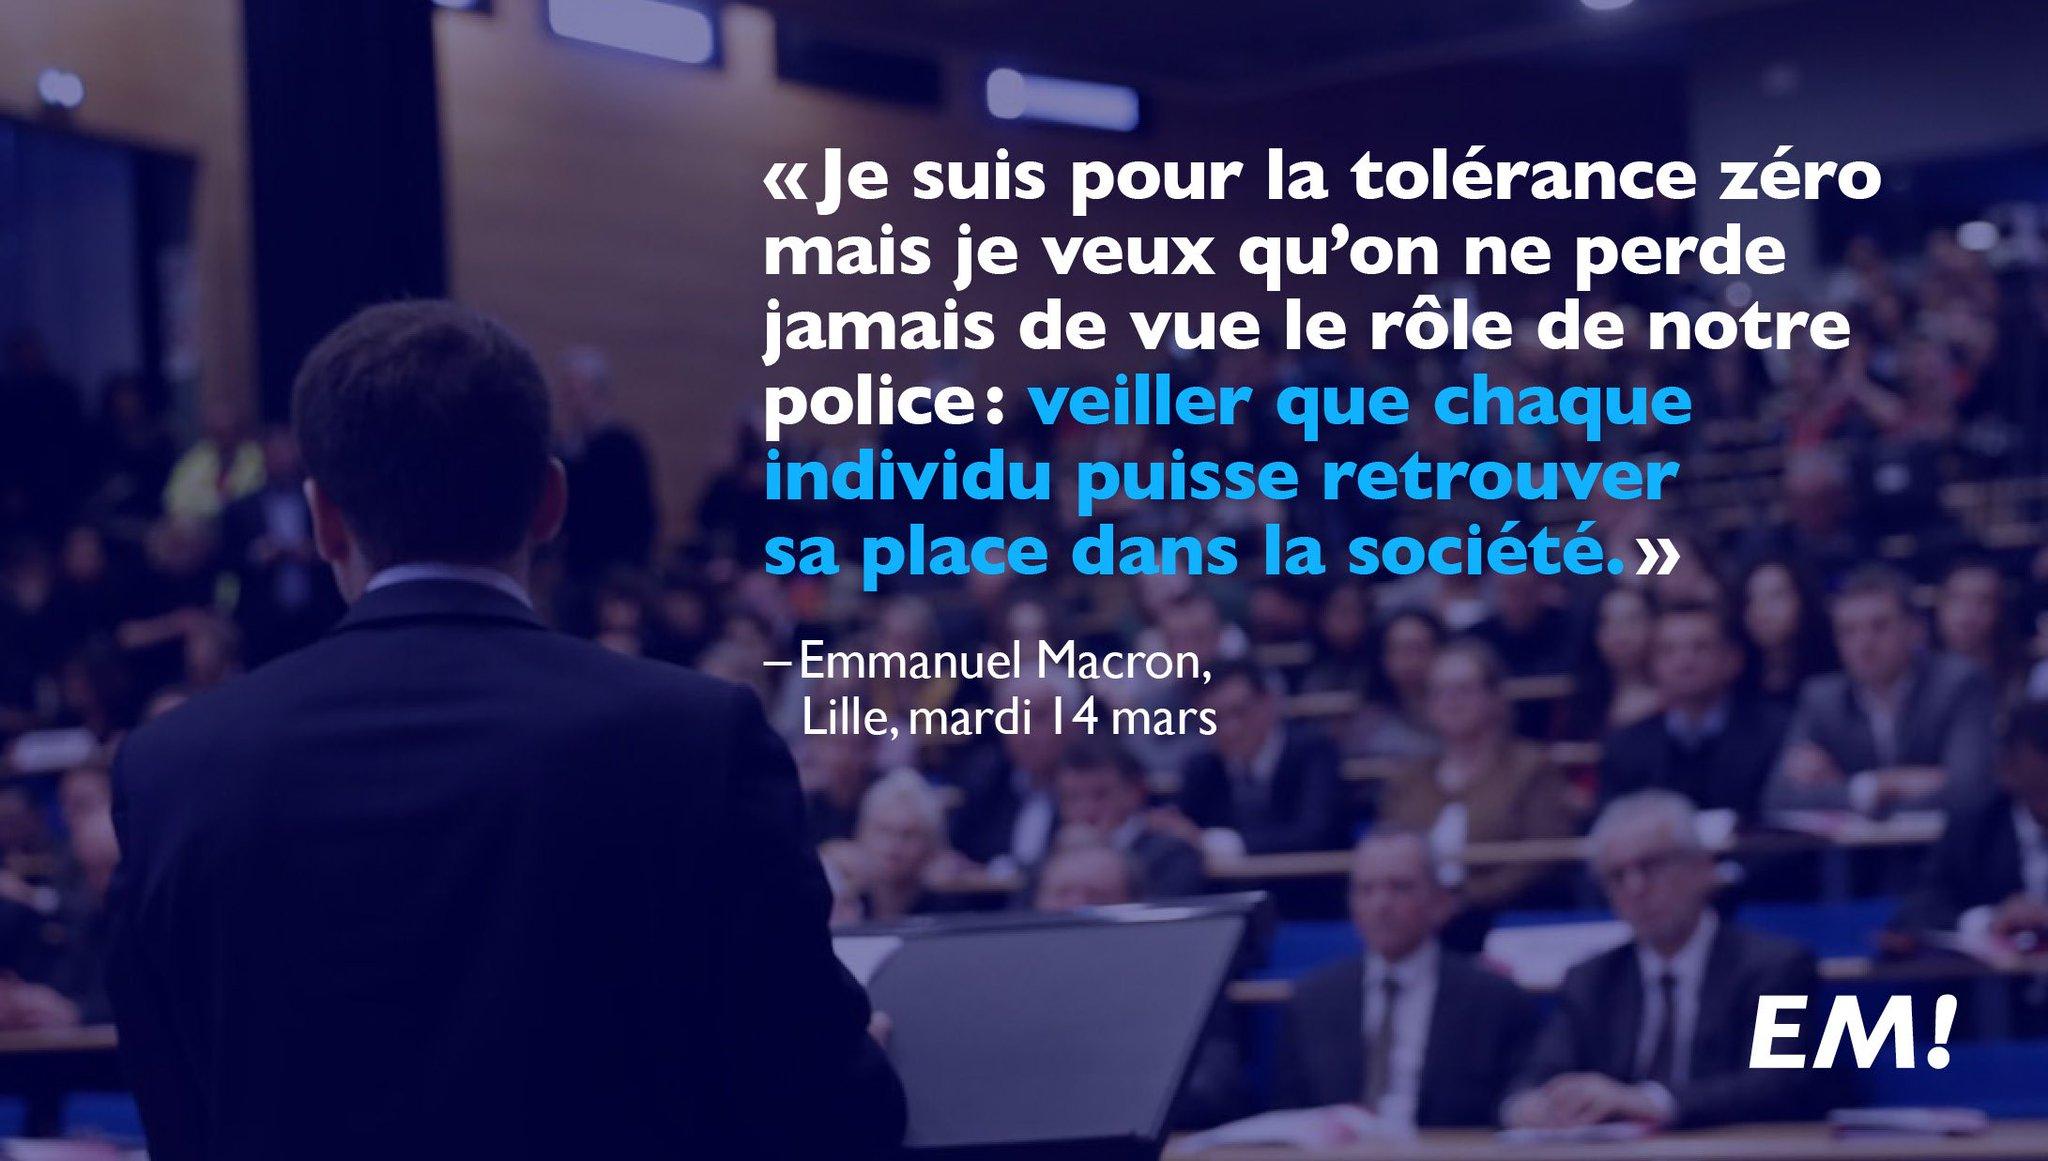 Je suis pour la tolérance zéro, mais il ne faut jamais perdre de vue le rôle de notre police : https://t.co/HknuuG77vo